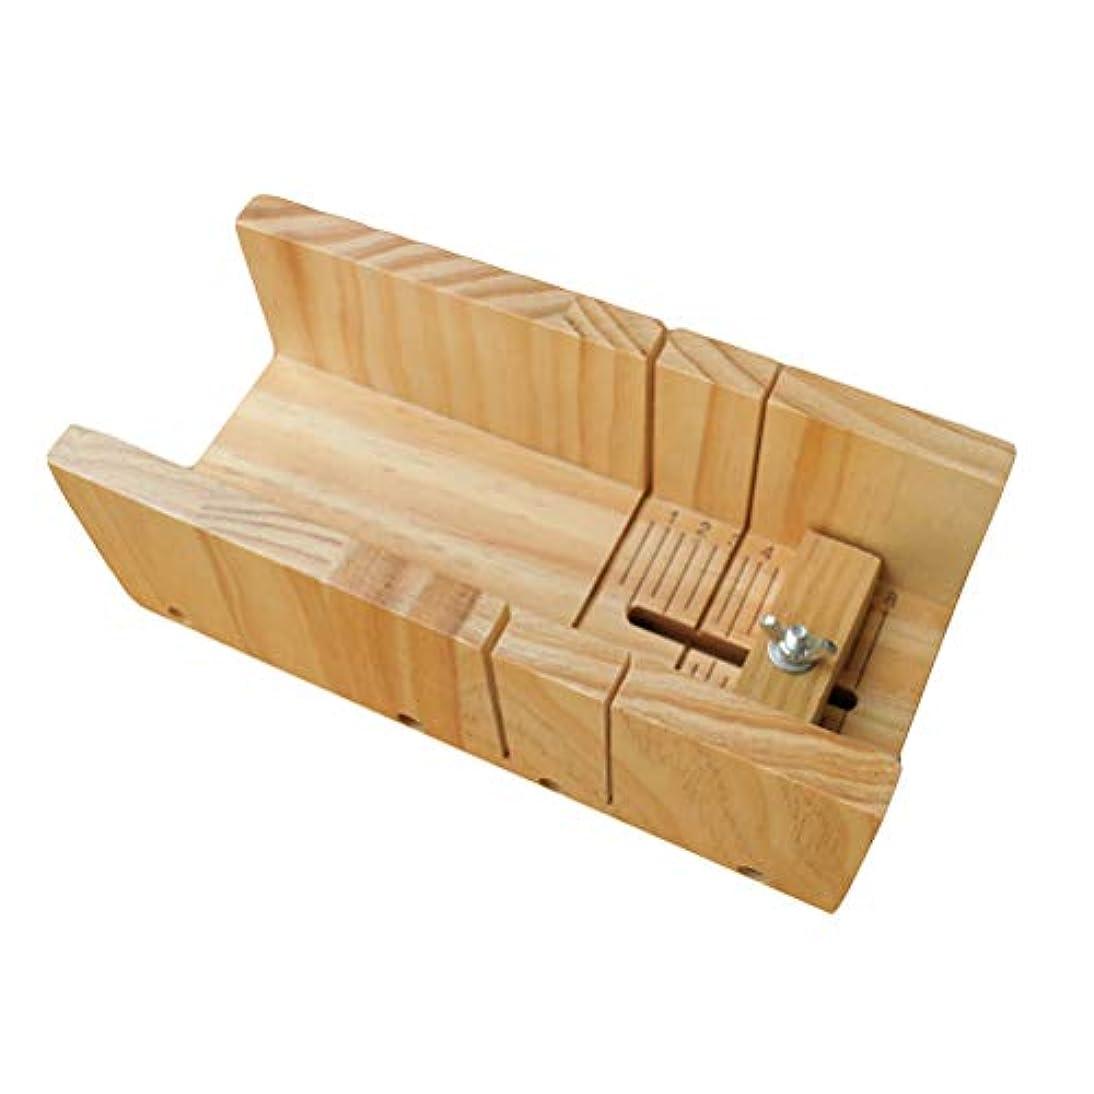 オンス航空便メッシュSUPVOX ウッドソープローフカッター金型調整可能カッター金型ボックスソープ作りツール(ウッドカラー)